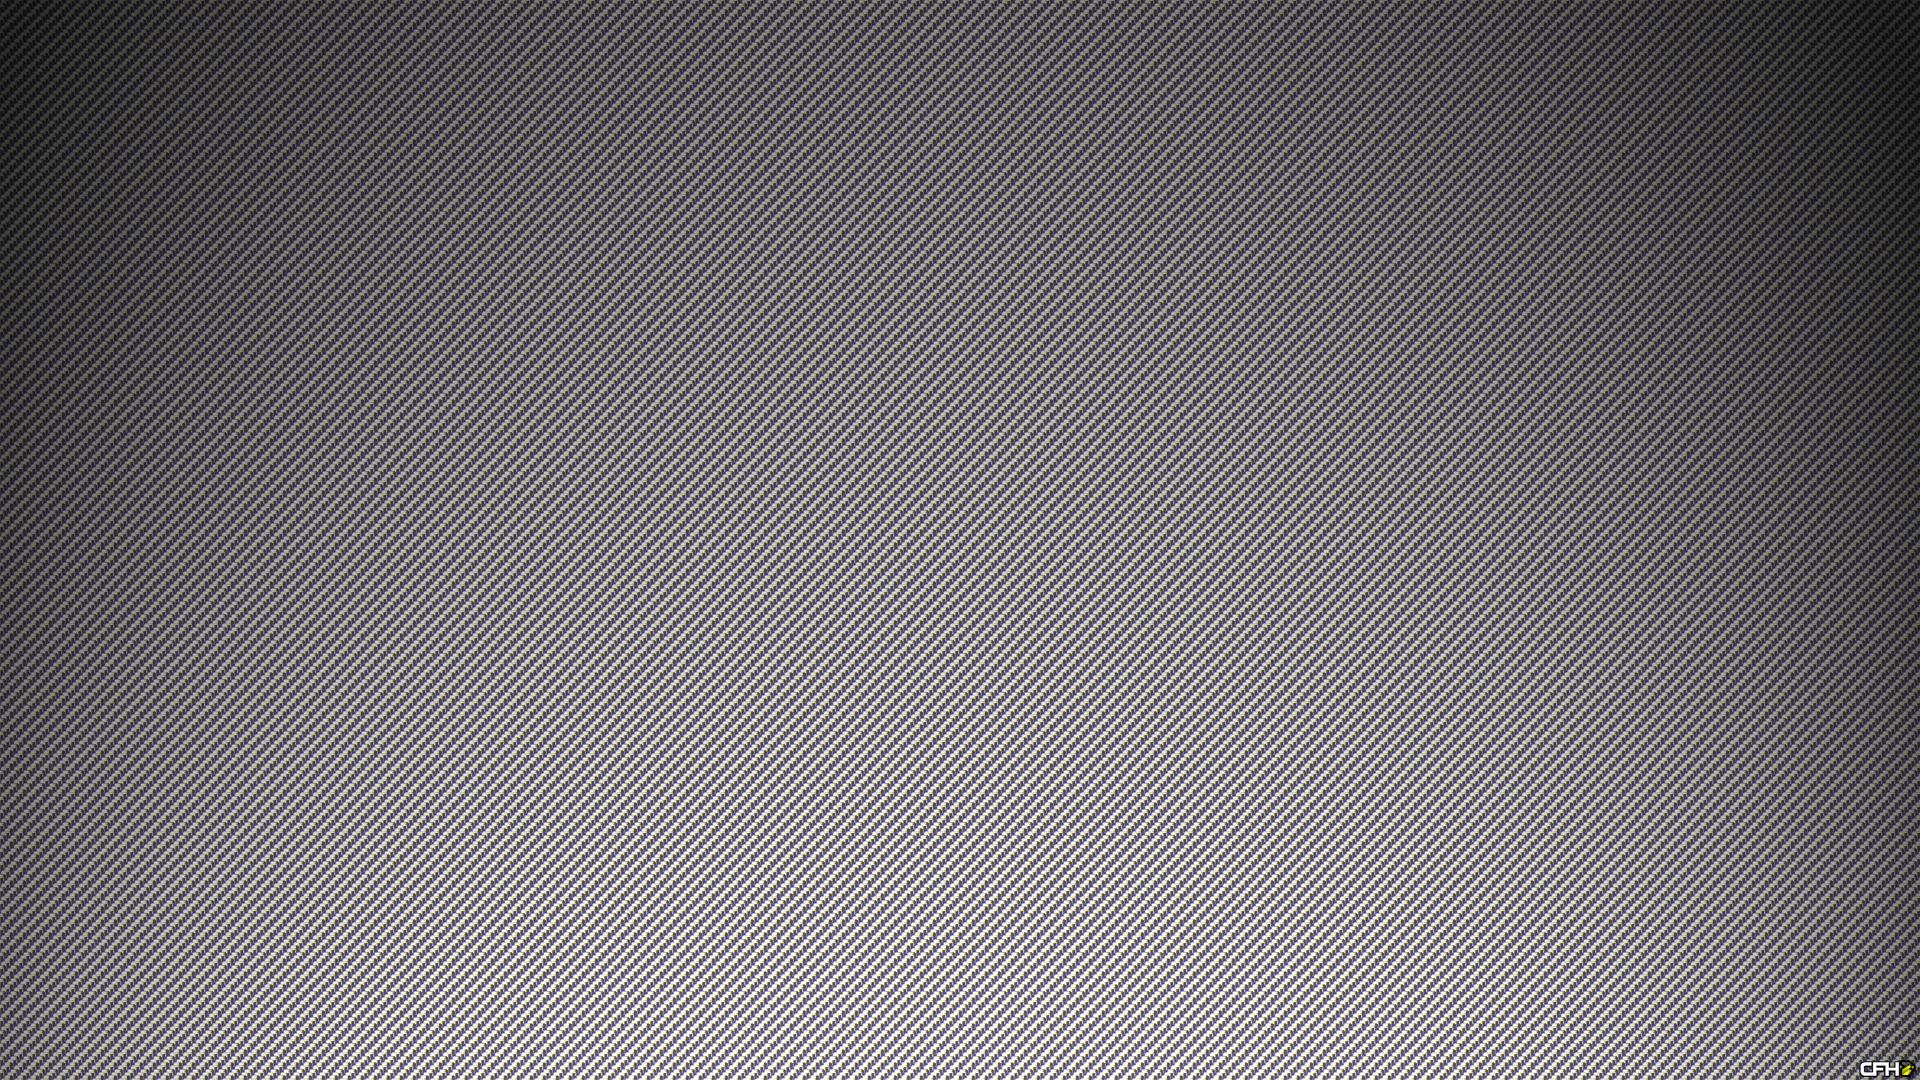 Carbon Fiber Texalium Import Media 2541363 Wallpaper wallpaper